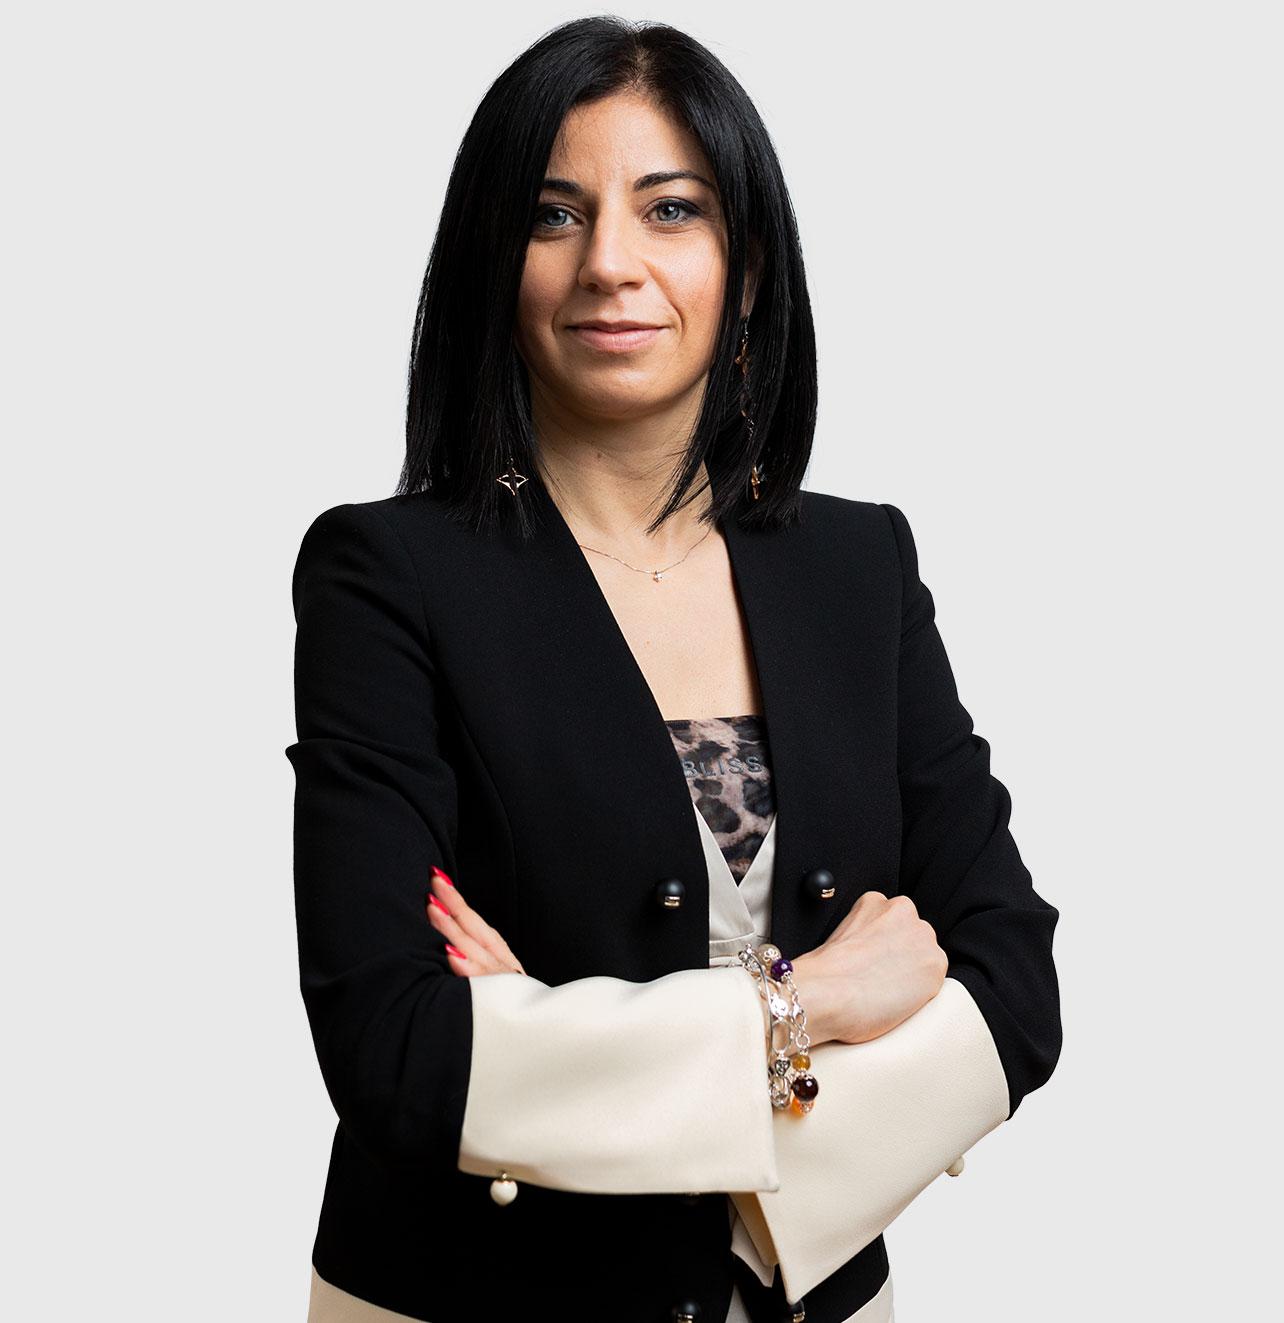 Vanessa Sità